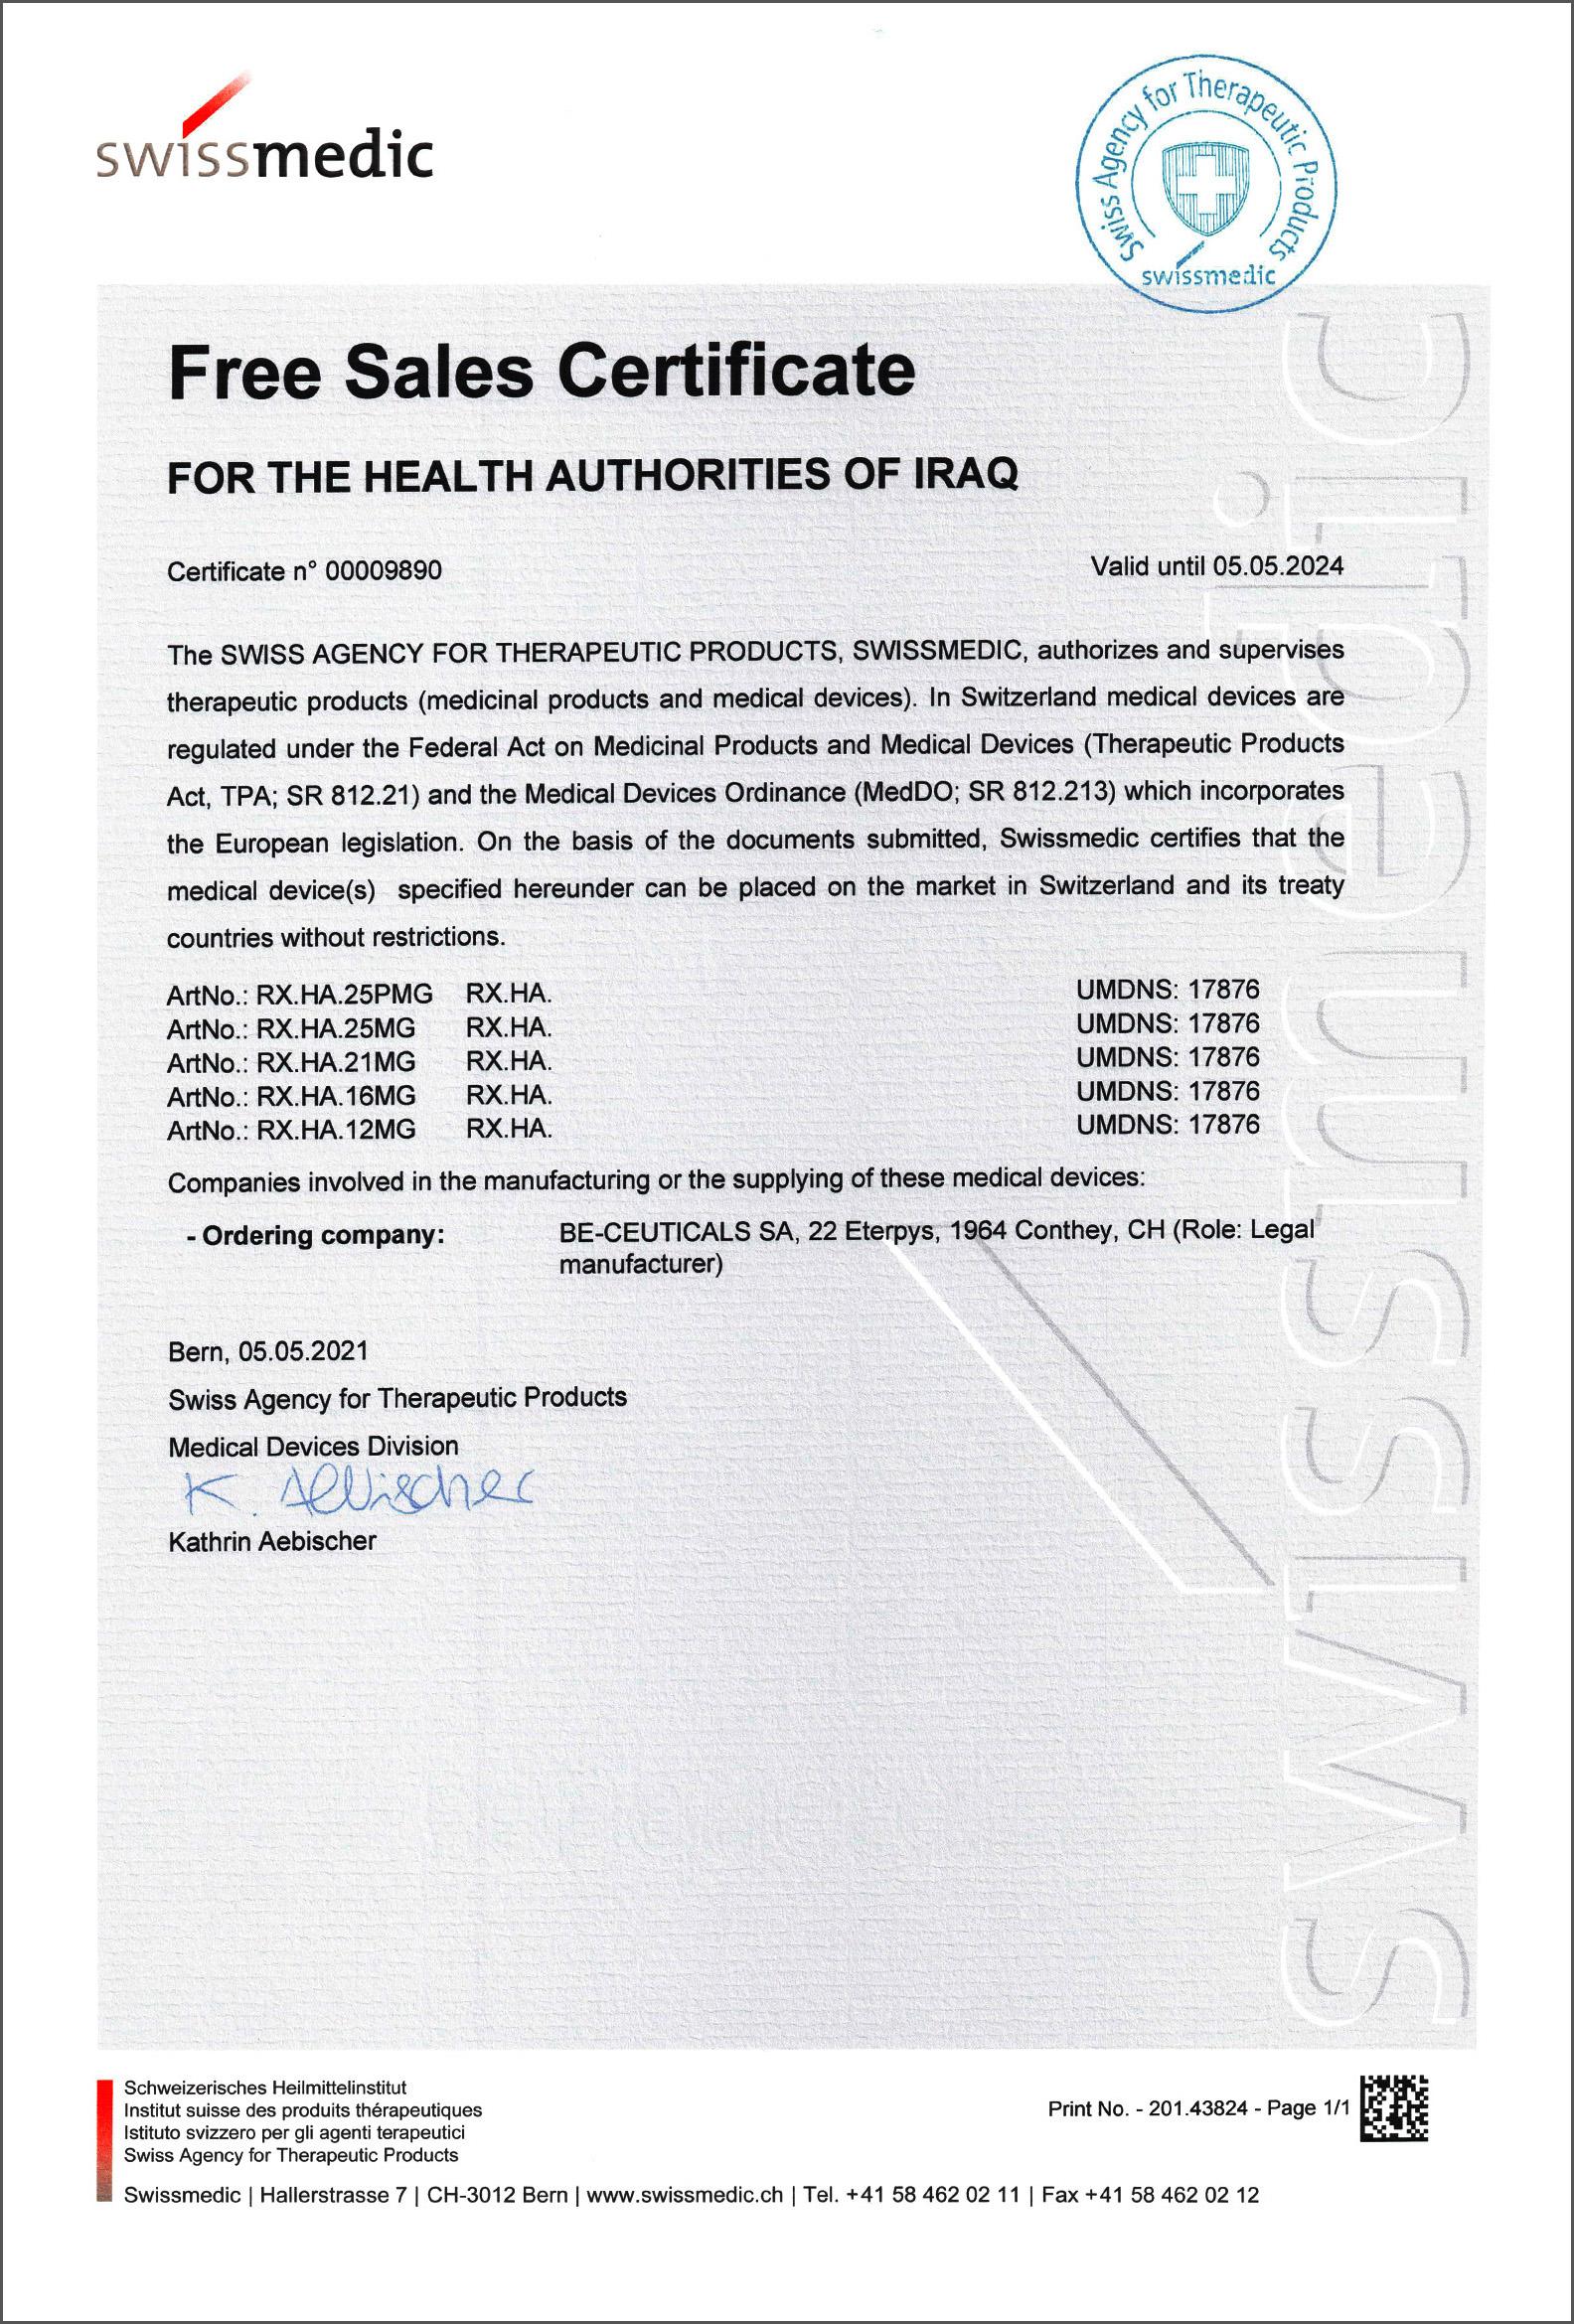 Swissmedic - Free Sales Certificate - Iraq